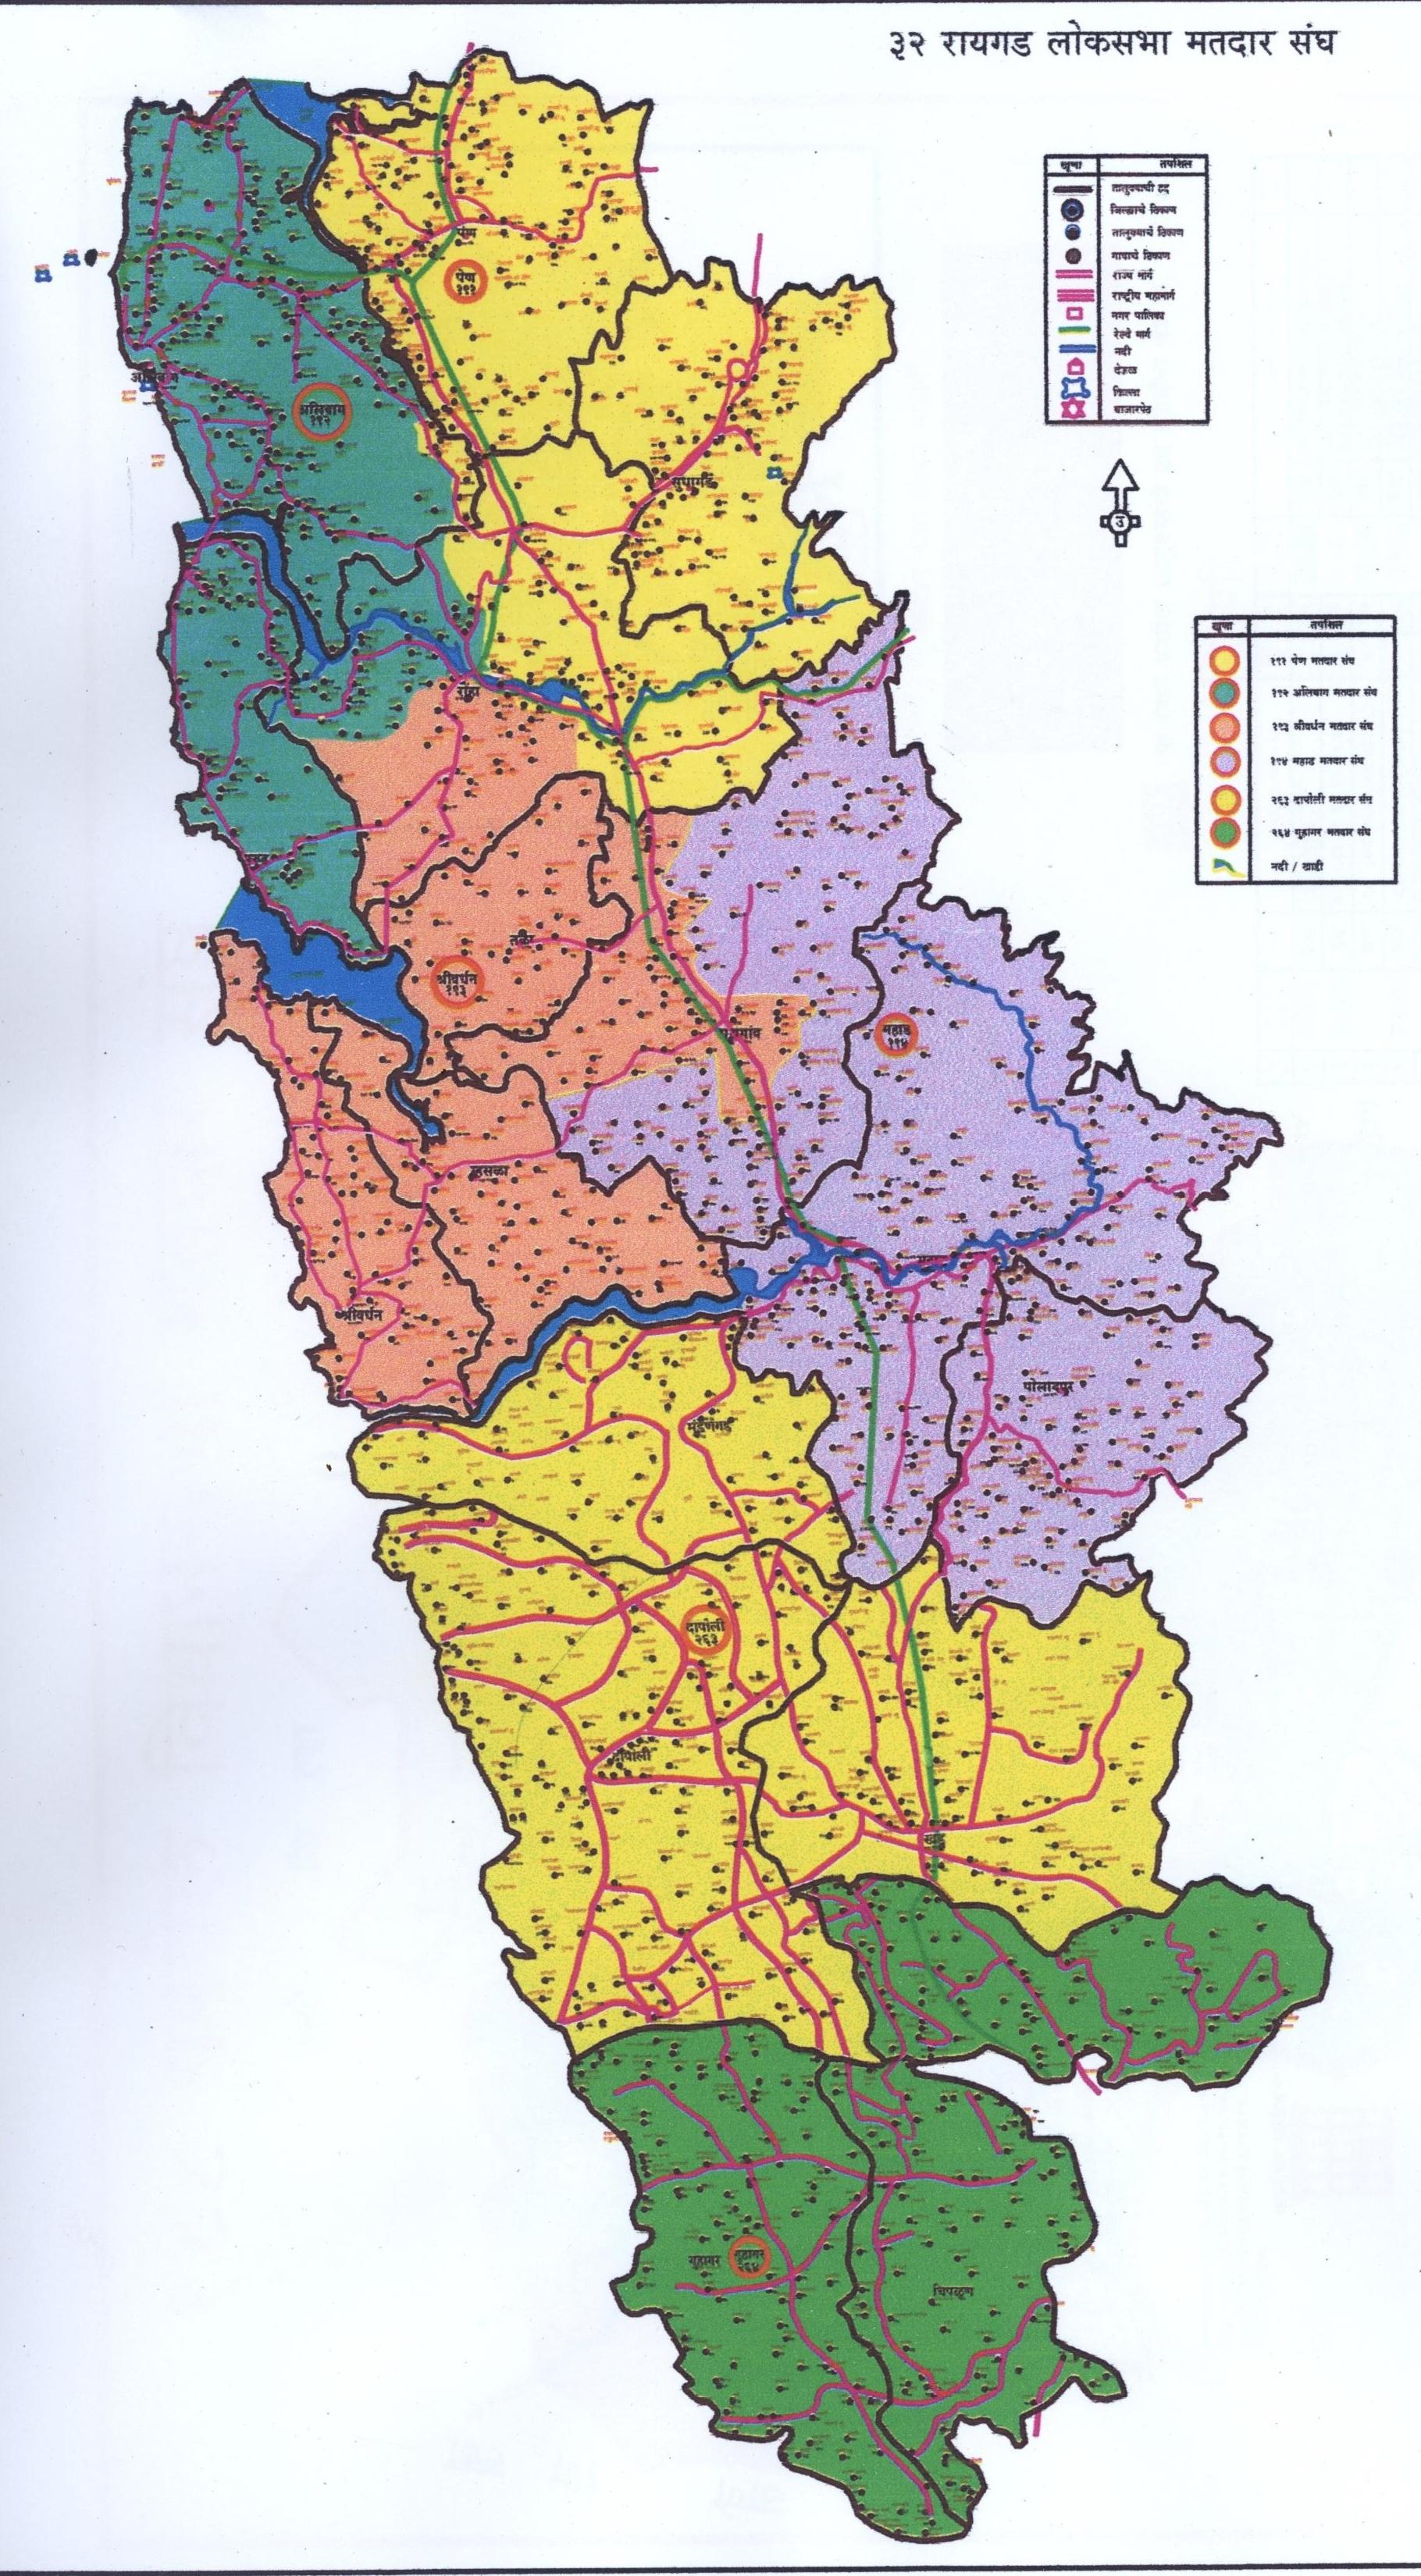 रायगड लोकसभा मतदार संघाचा नकाशा